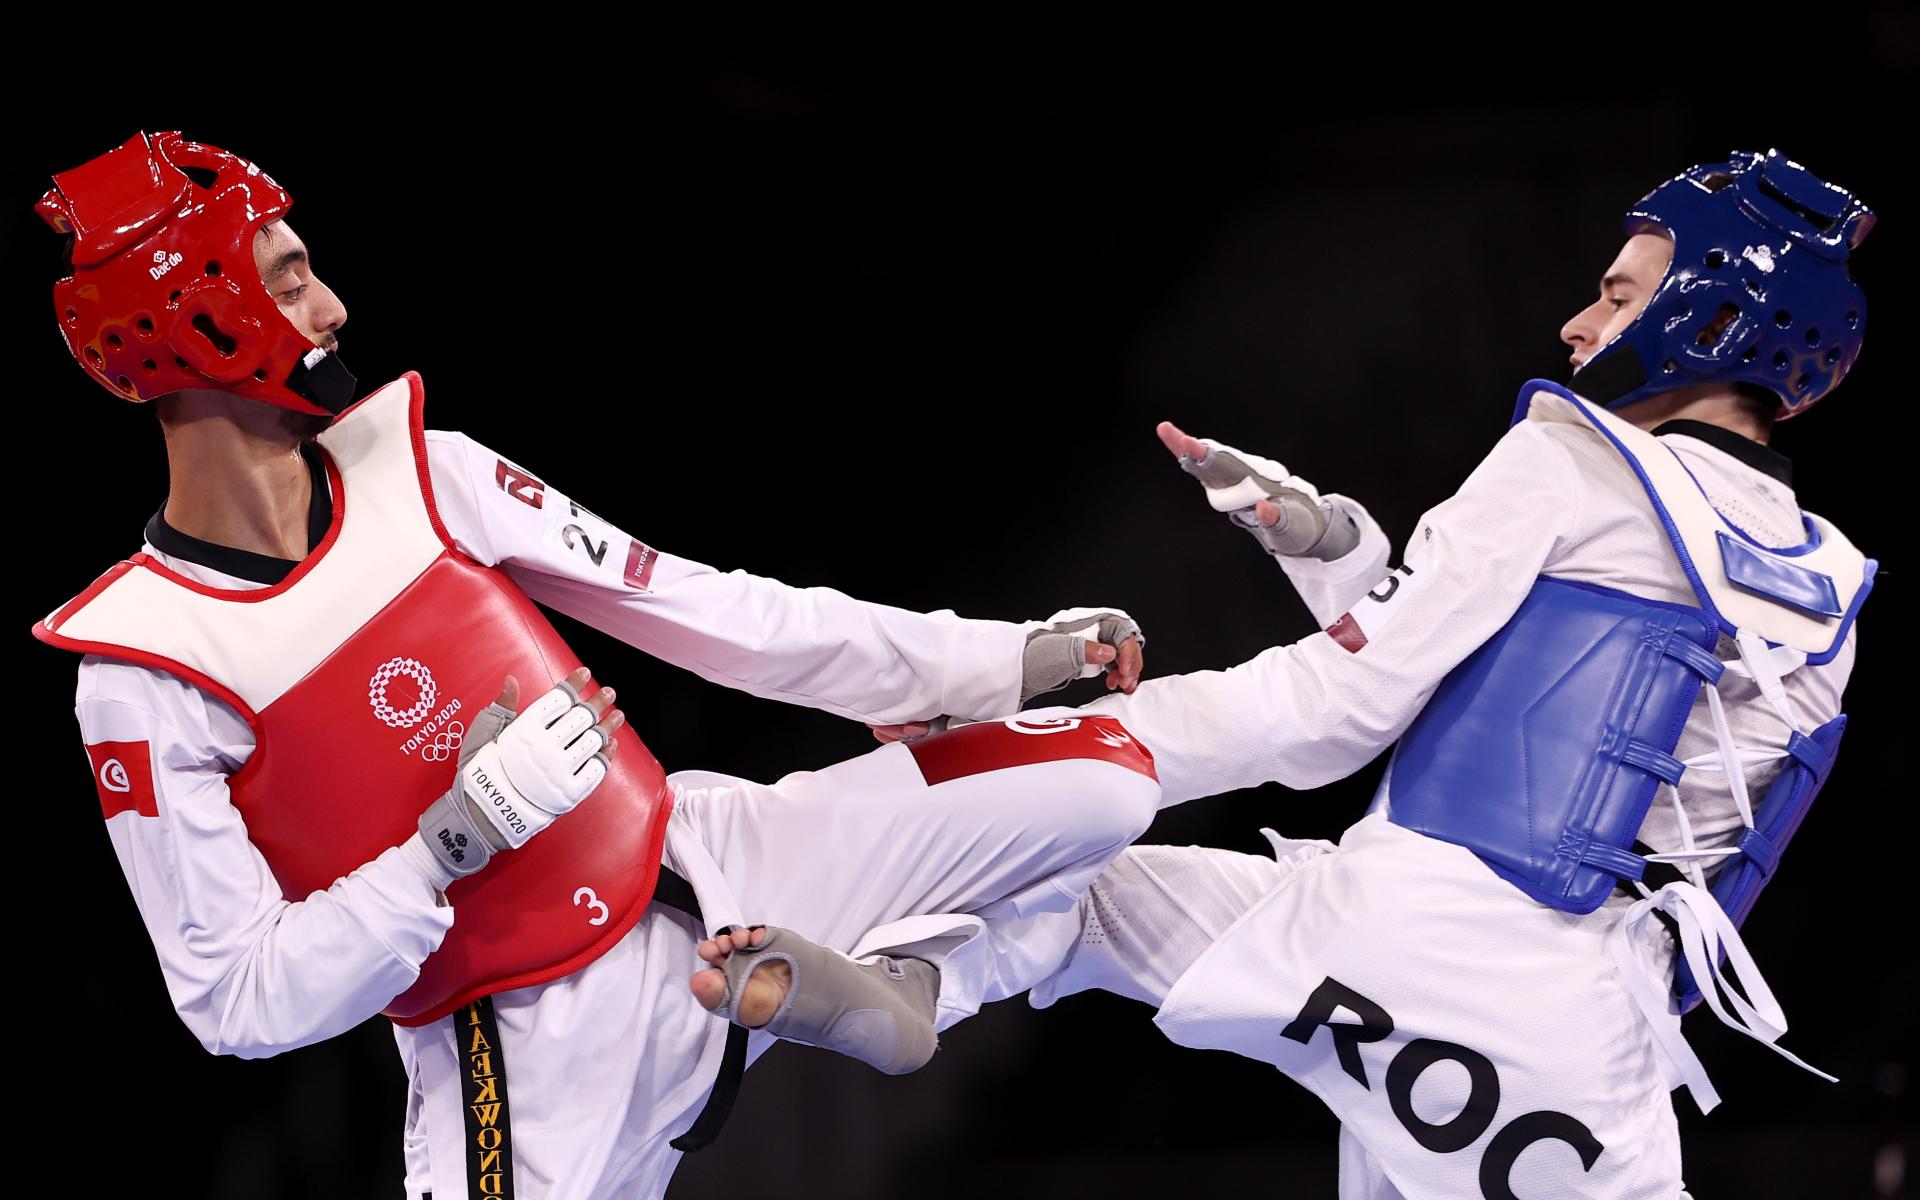 Фото: Михаил Артамонов, справа (Getty Images)